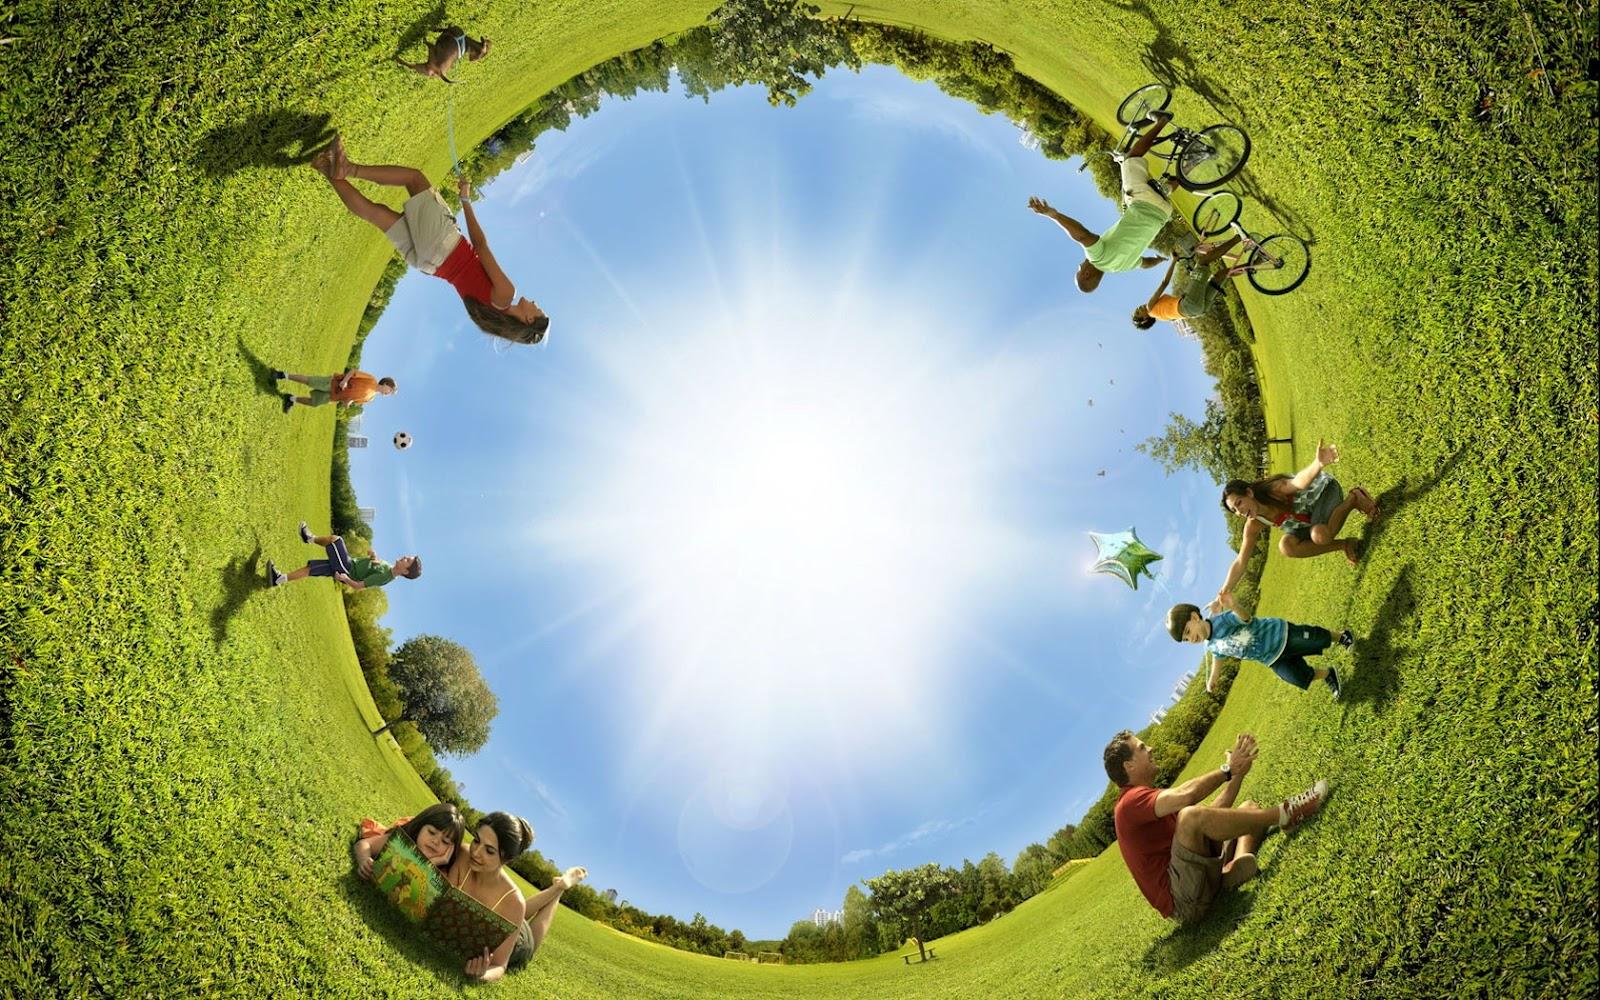 how to create 360 degree panorama